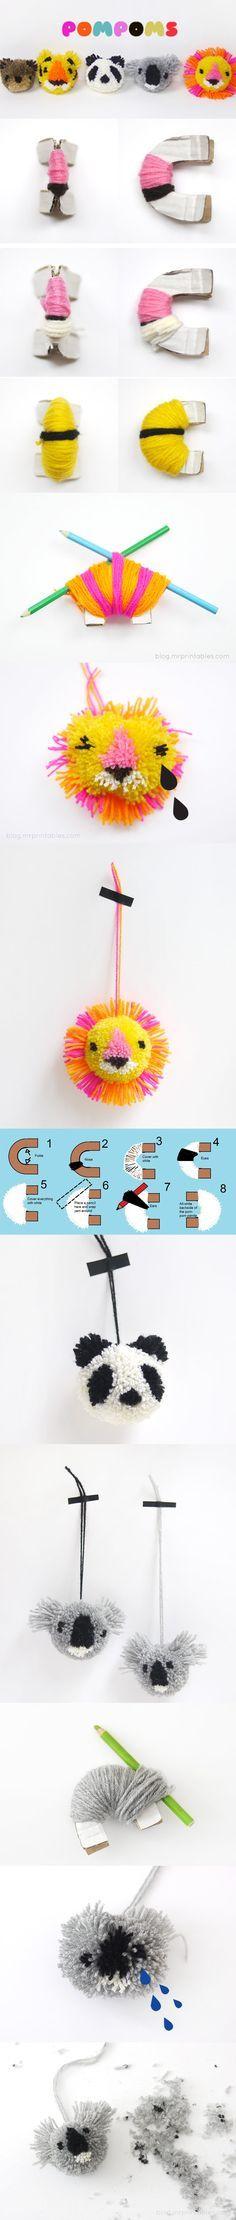 Ponpons a forma di leone, panda e koala, con tanto di #istruzioni per la realizzazione